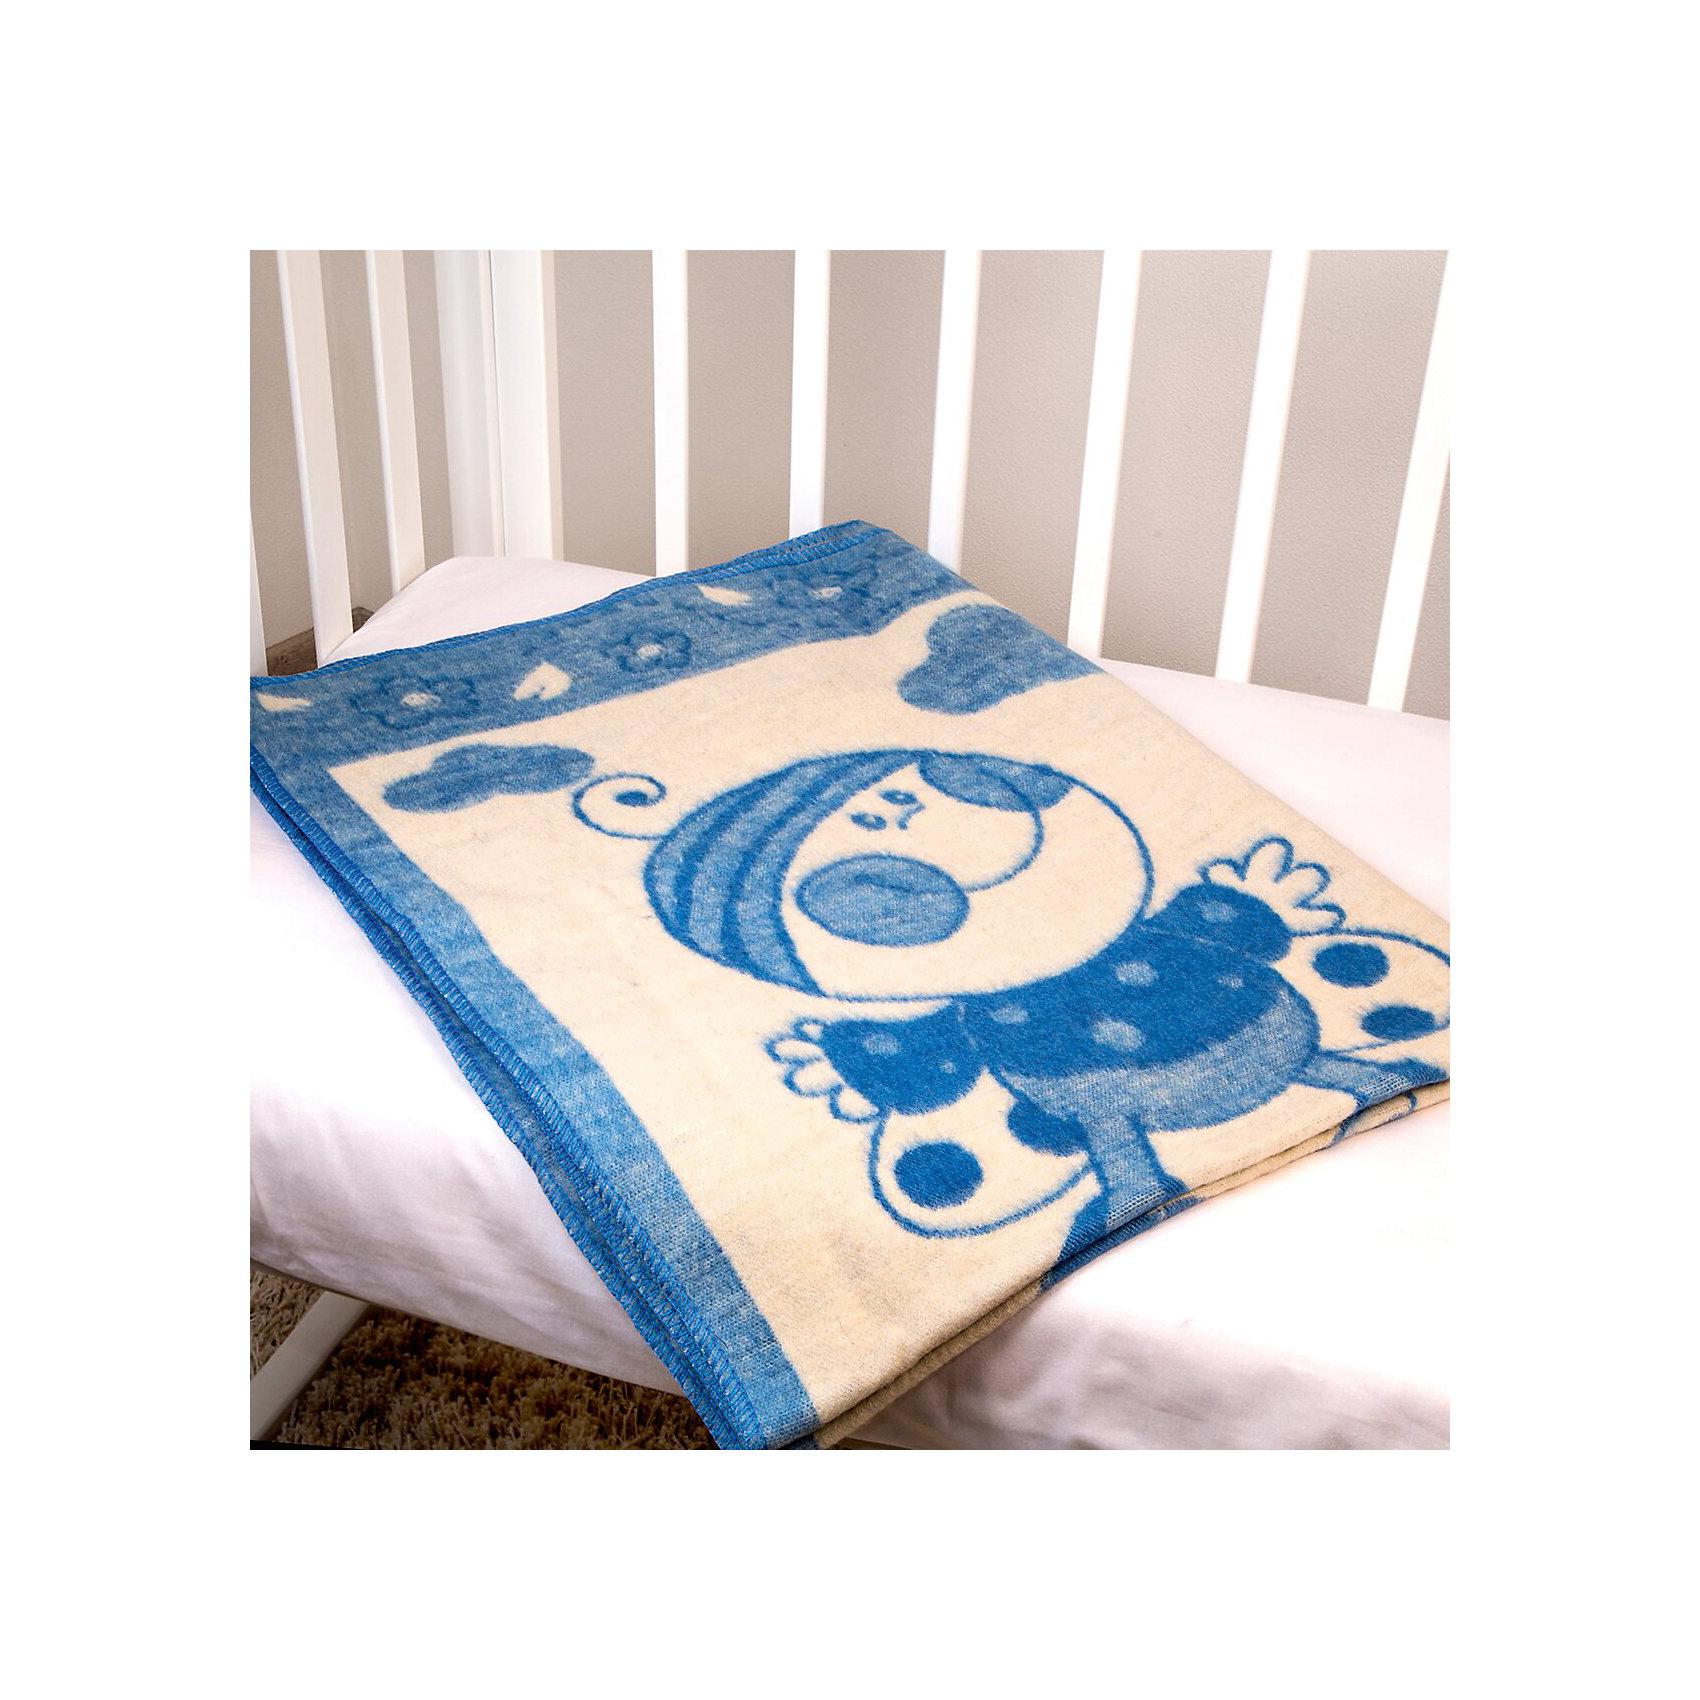 Одеяло байковое Букашки, 100х140, Baby Nice, голубойОдеяла, пледы<br>Постельные принадлежности для детей должны быть качественными и безопасными. Это одеяло разработано специально для малышей, оно обеспечивает комфорт на всю ночь. Одеяло украшено симпатичным принтом.<br>Одеяло сшито из натурального дышащего хлопка, приятного на ощупь. Он не вызывает аллергии, что особенно важно для малышей. Оно обеспечит хорошую терморегуляцию, а значит - крепкий сон. Одеяло сделано из высококачественных материалов, безопасных для ребенка.<br><br>Дополнительная информация:<br><br>цвет: голубой;<br>материал: хлопок, жаккард;<br>принт;<br>размер: 100 х 140 см.<br><br>Одеяло байковое Букашки, 100х140 от компании Baby Nice можно купить в нашем магазине.<br><br>Ширина мм: 230<br>Глубина мм: 250<br>Высота мм: 40<br>Вес г: 500<br>Возраст от месяцев: 0<br>Возраст до месяцев: 36<br>Пол: Унисекс<br>Возраст: Детский<br>SKU: 4941748